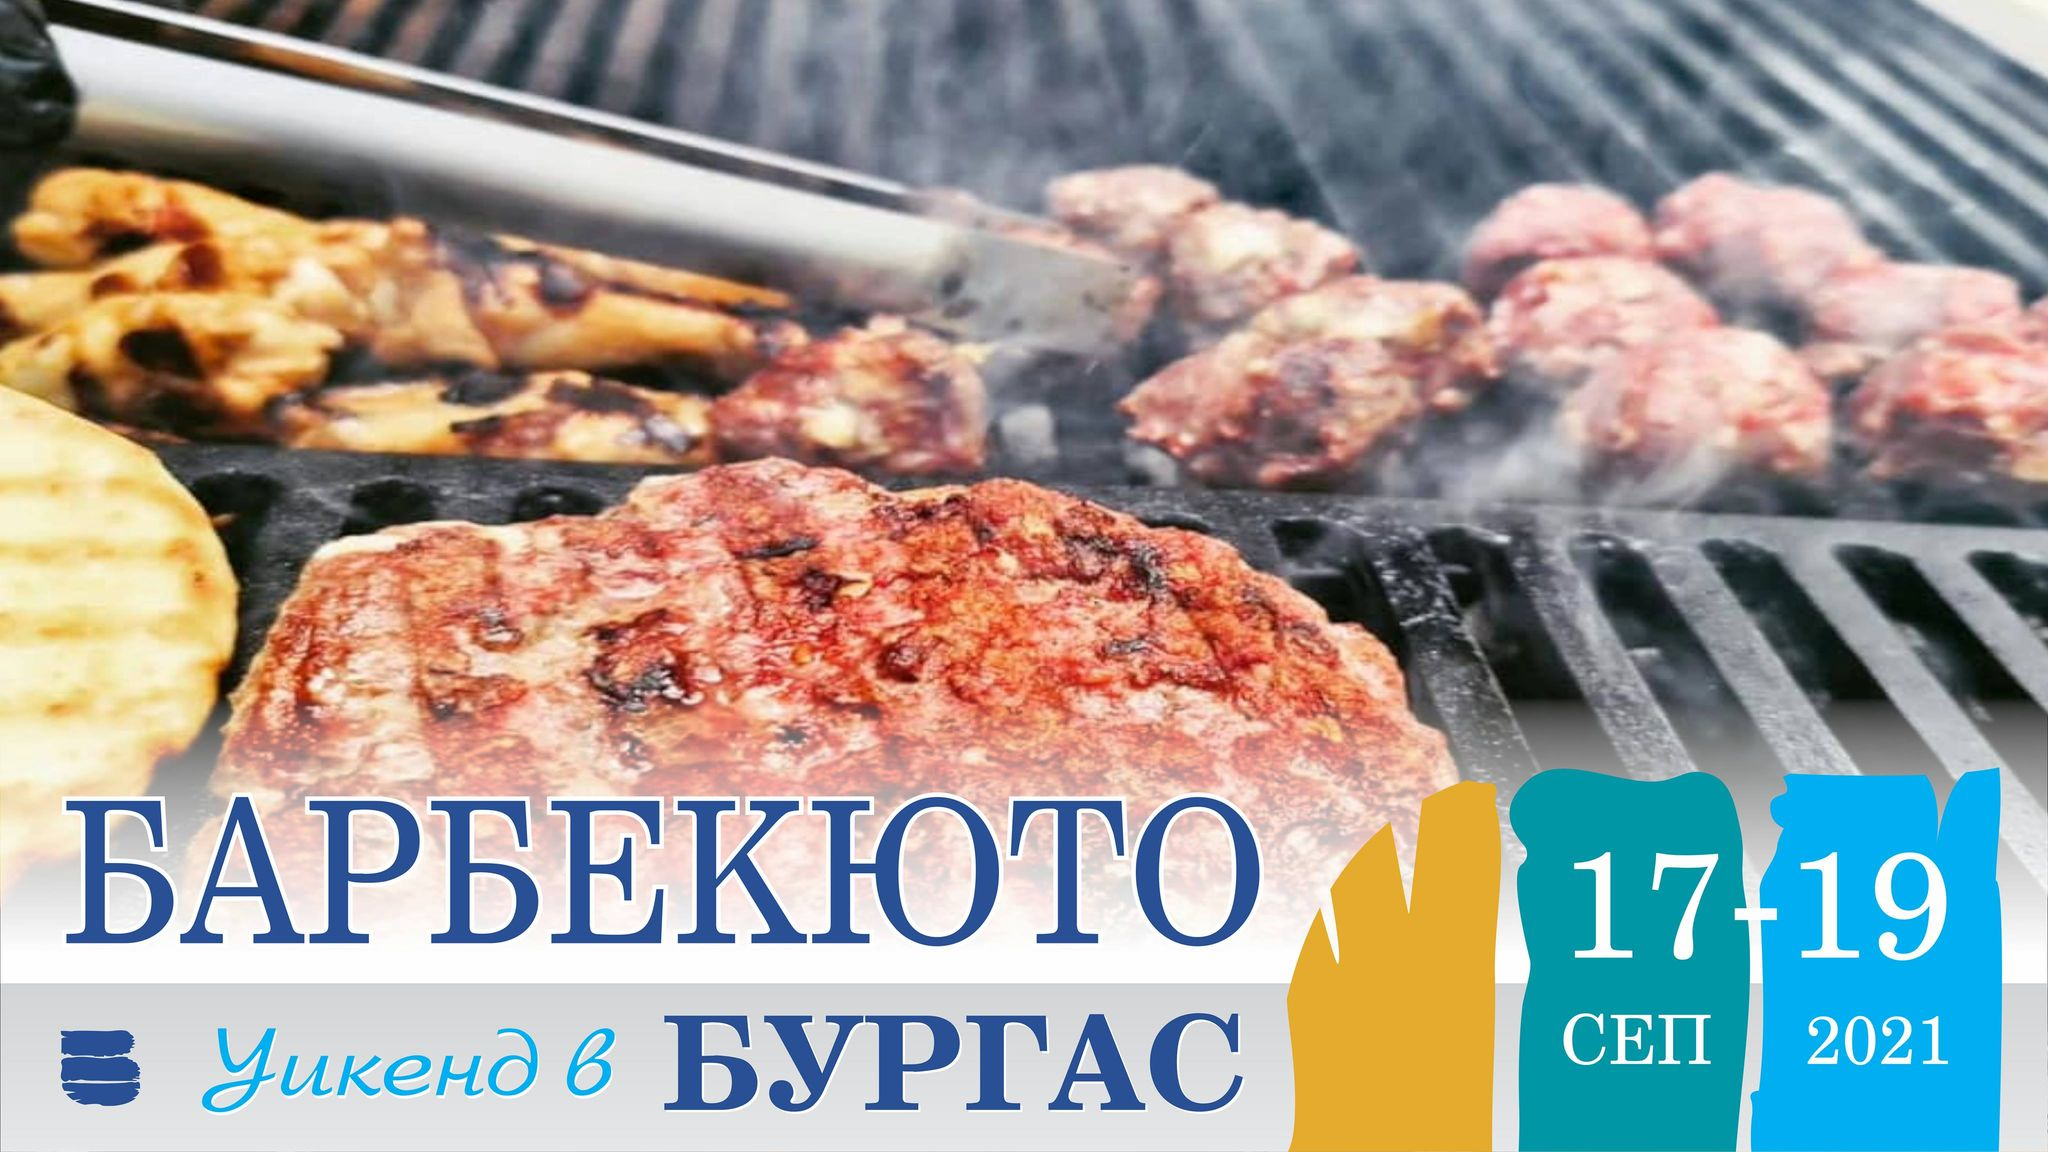 Барбекю уикенд в Бургас 17 - 19 септември: Храна за всички сетива!